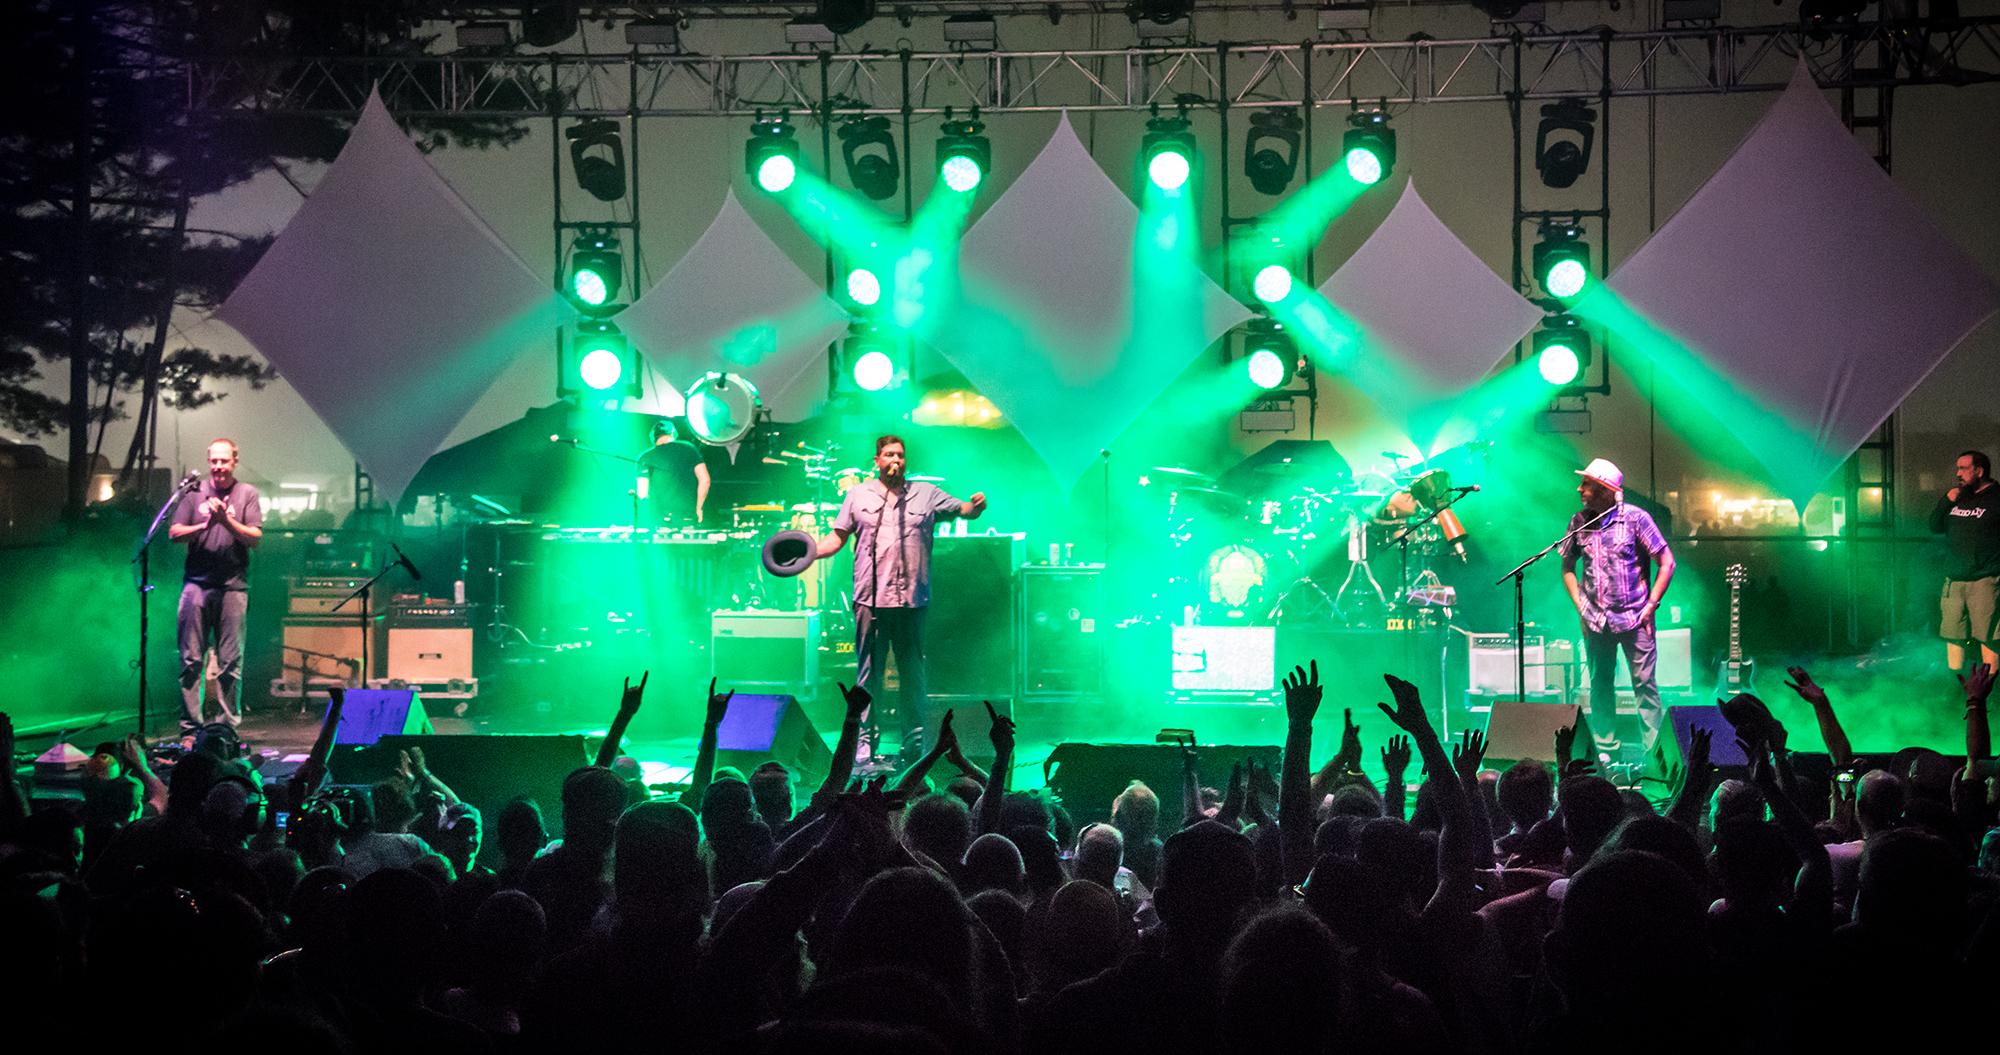 moe. Announces 30th Anniversary Tour Dates